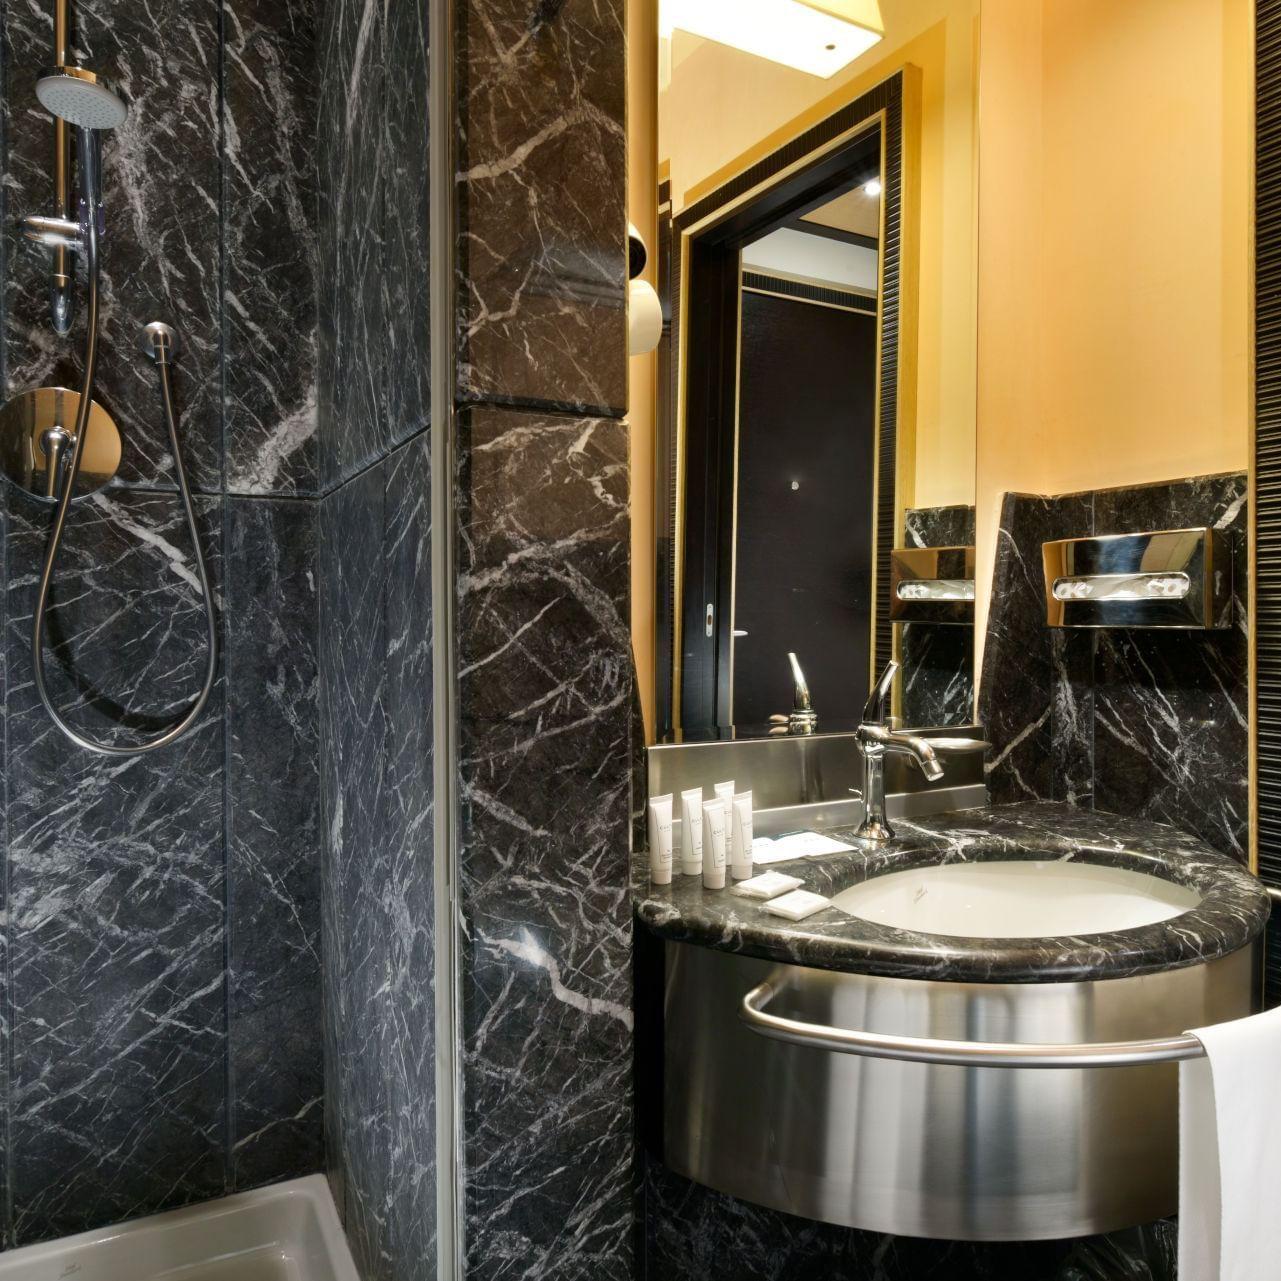 UH_Malpensa_ClassicRoom_single_bathroom